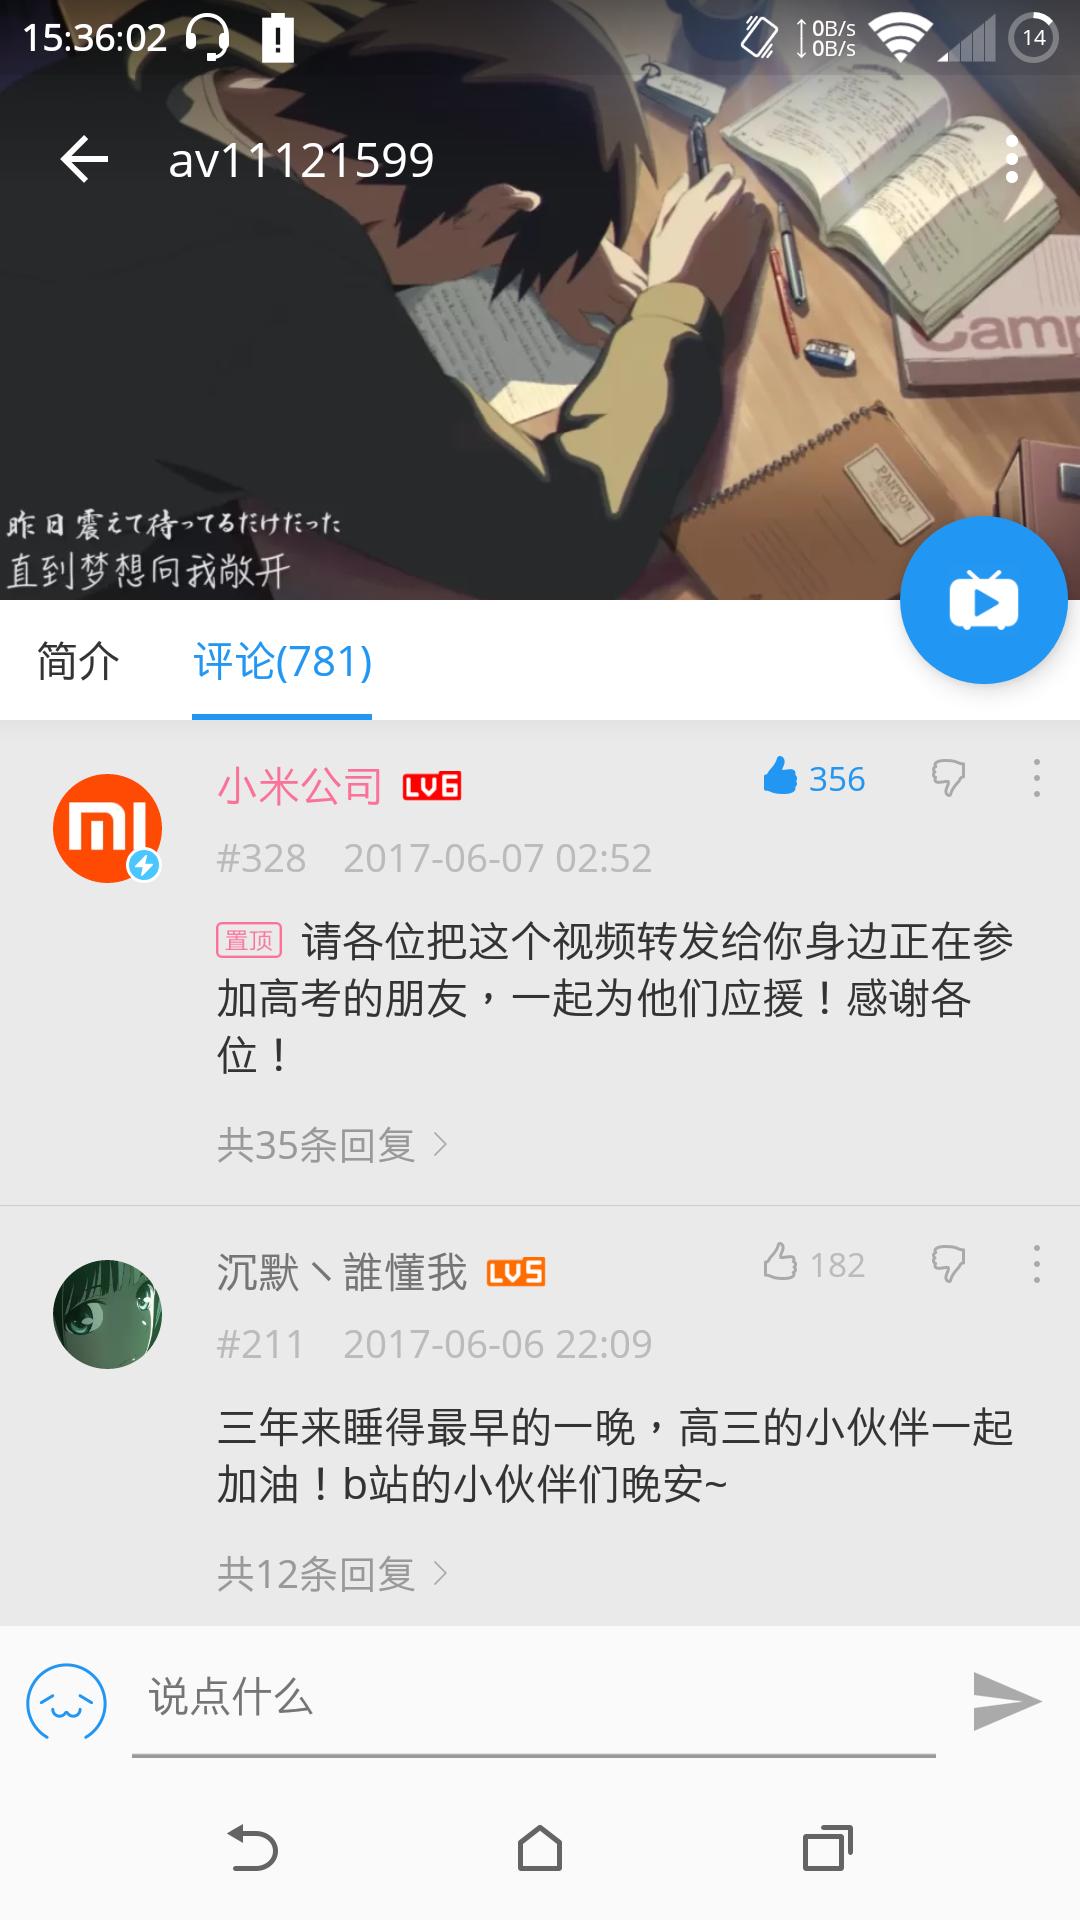 评价哔哩哔哩华为荣耀账号小米官方营销碰资料换新手机手机吗图片